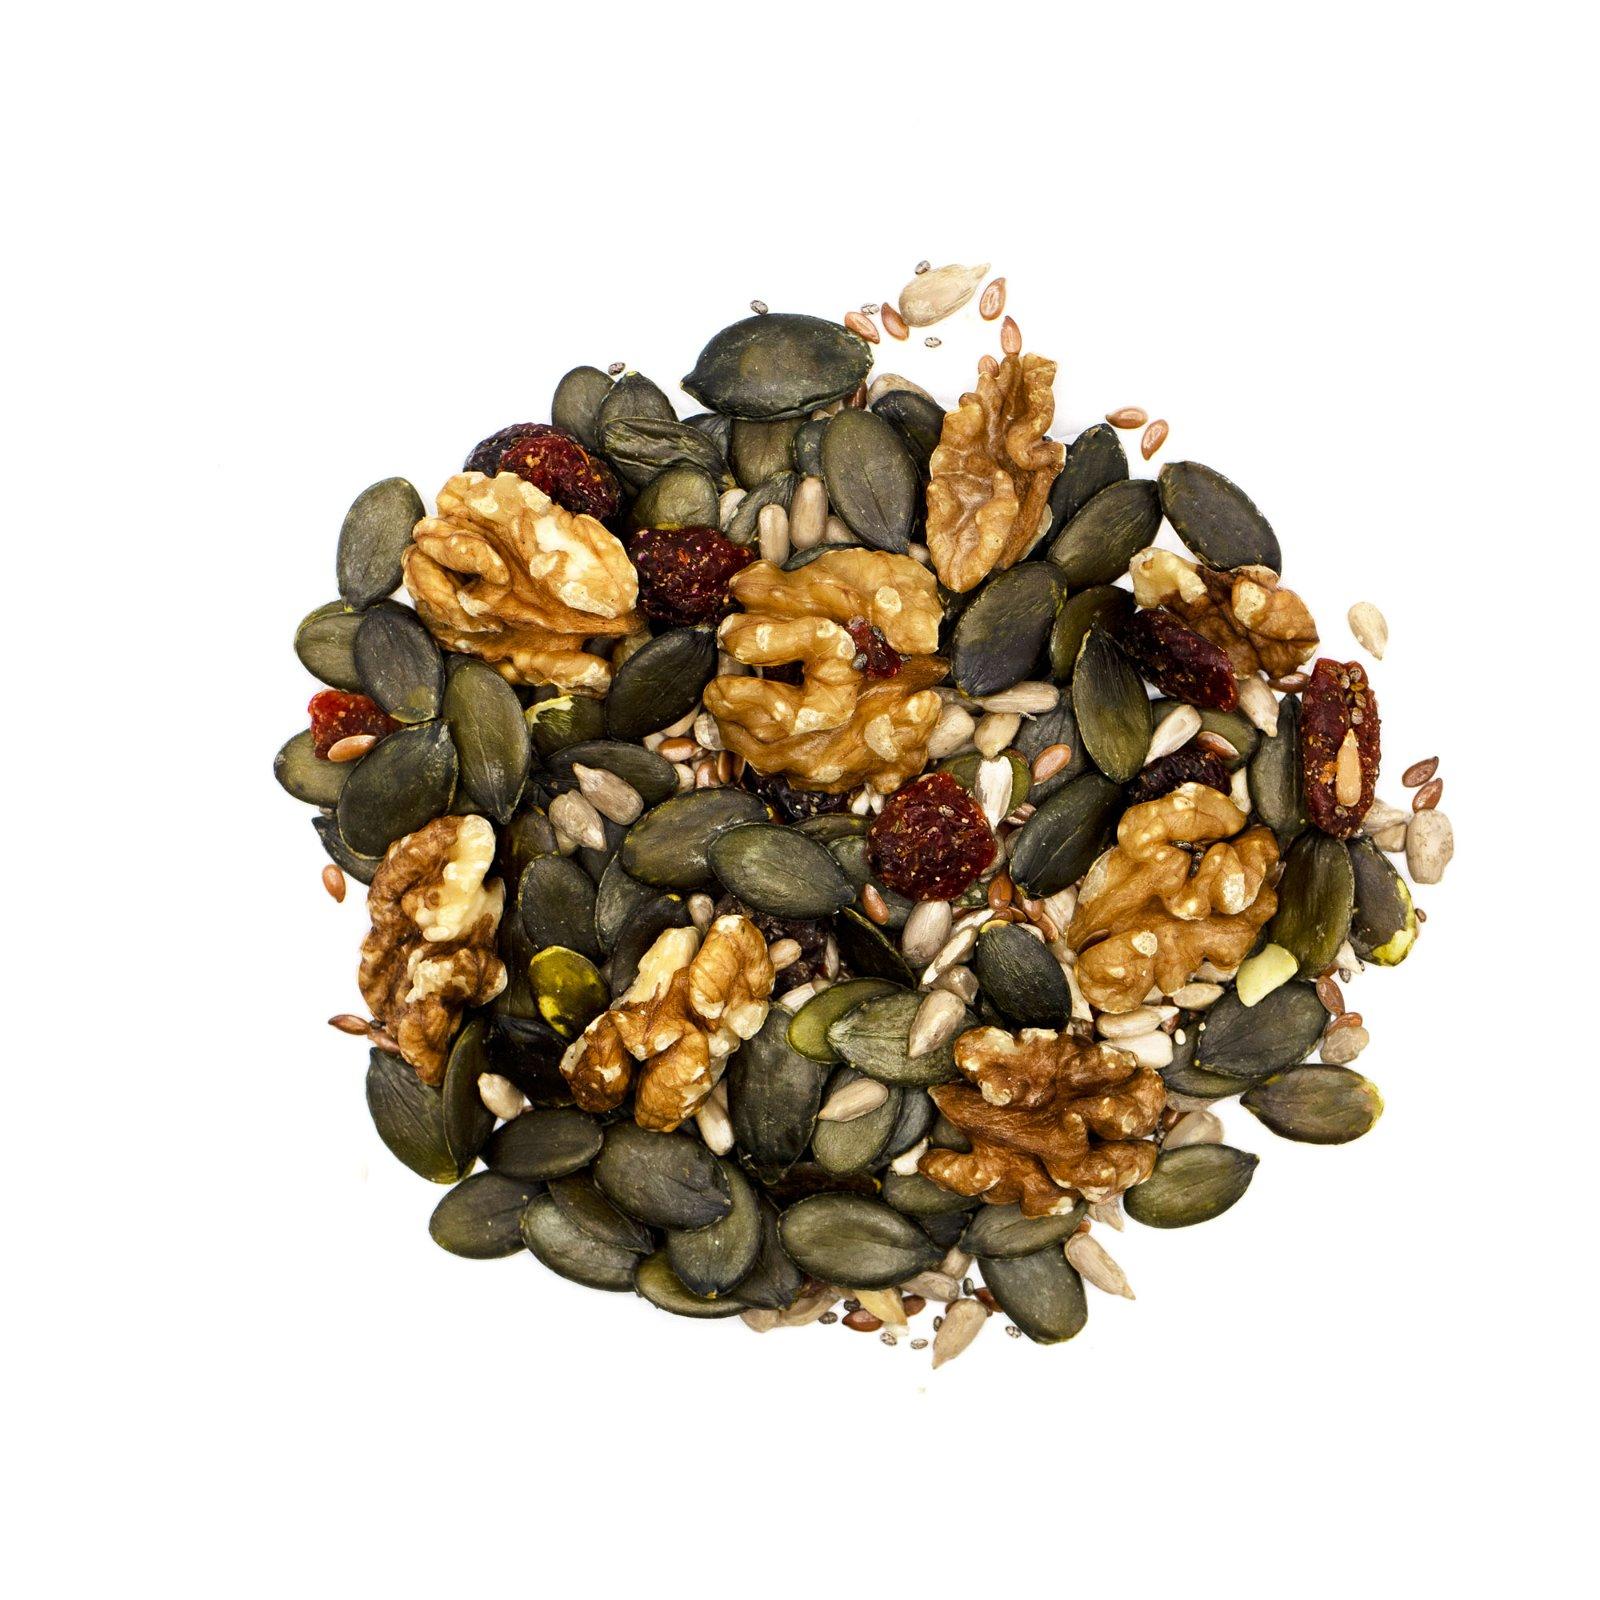 img-la-fourche-250g-de-melange-de-graines-pour-salade-bio-en-vrac